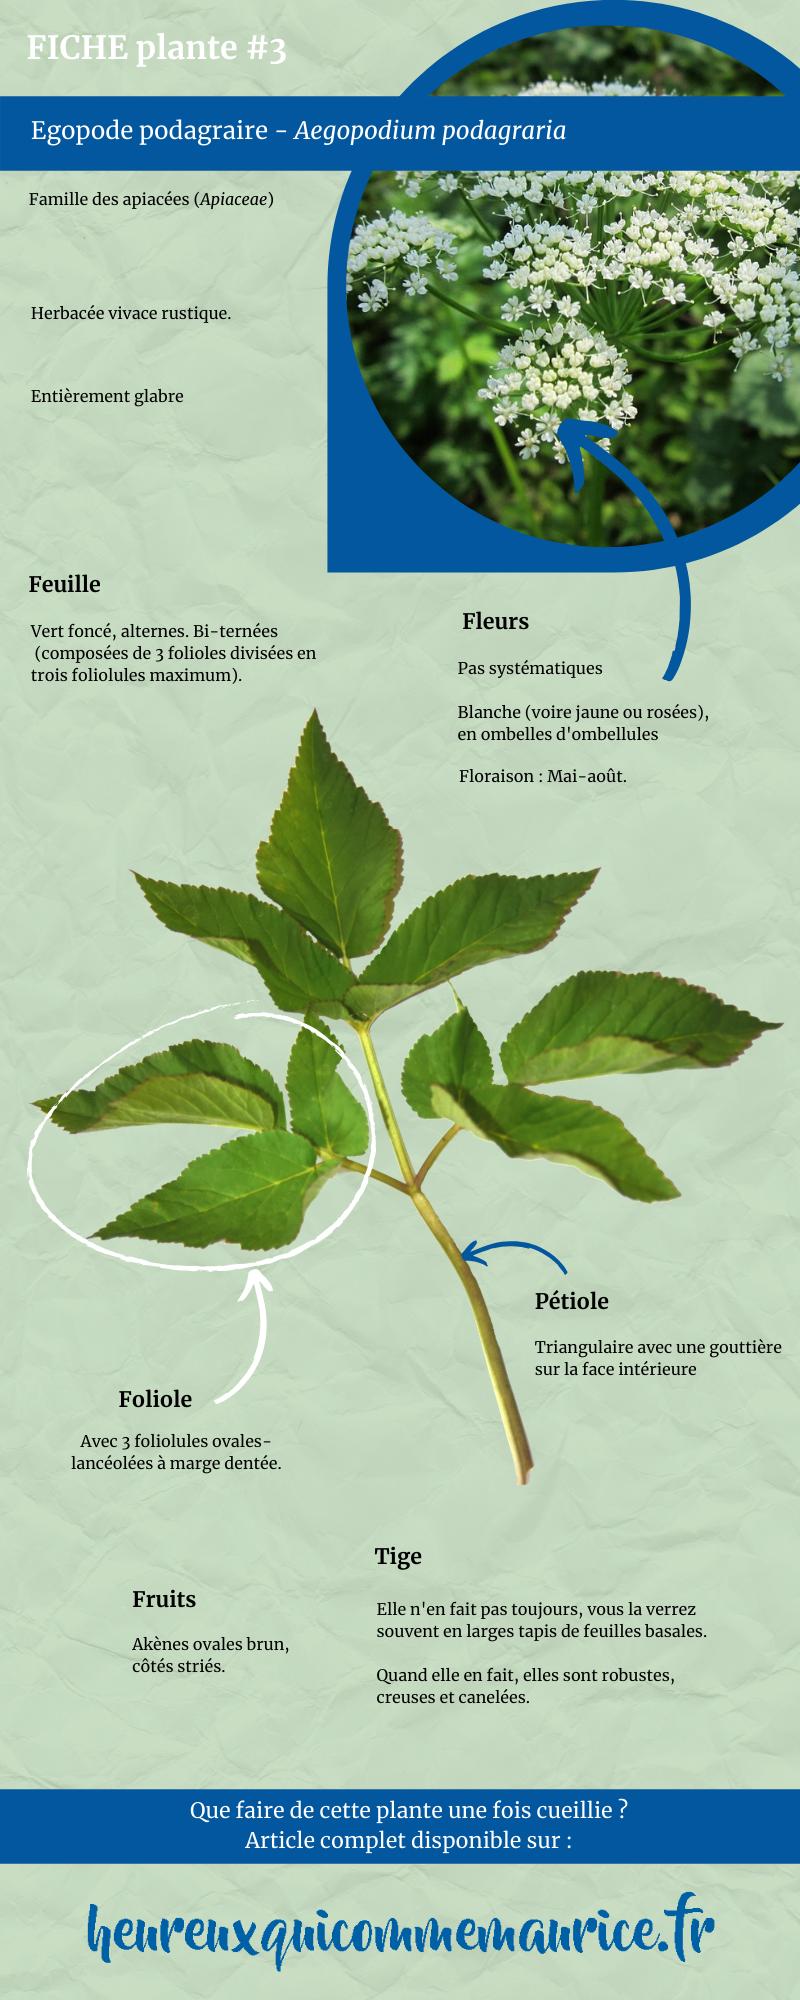 Fiche pratique cueillette de plantes sauvages égopode podagraire